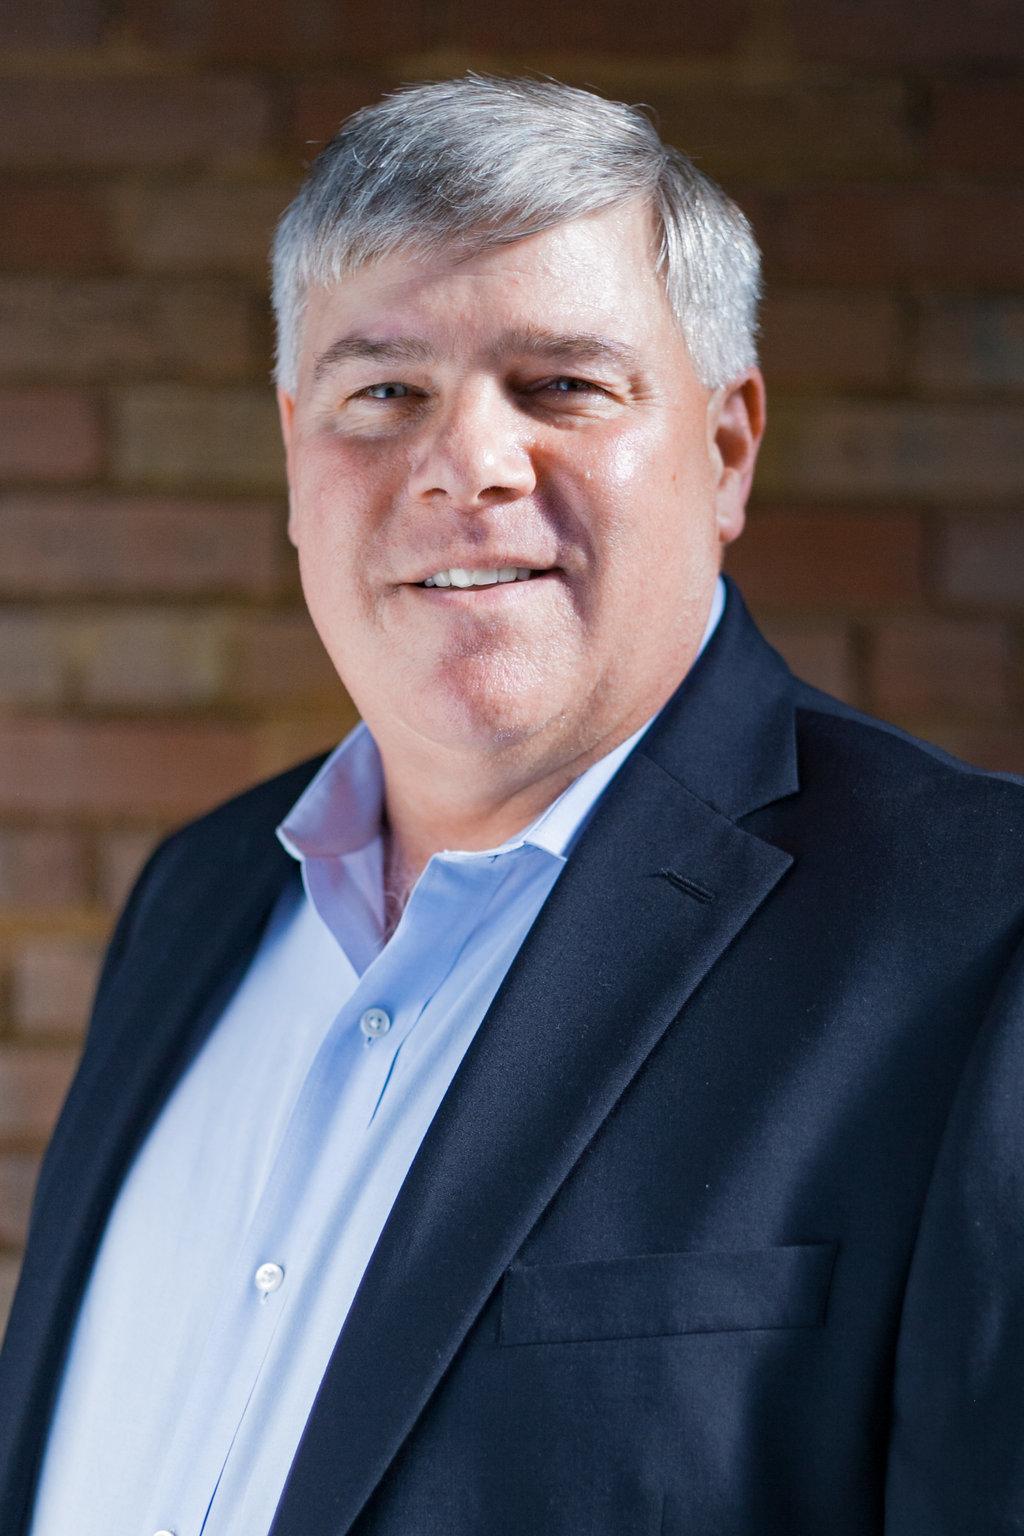 Steve Kassen